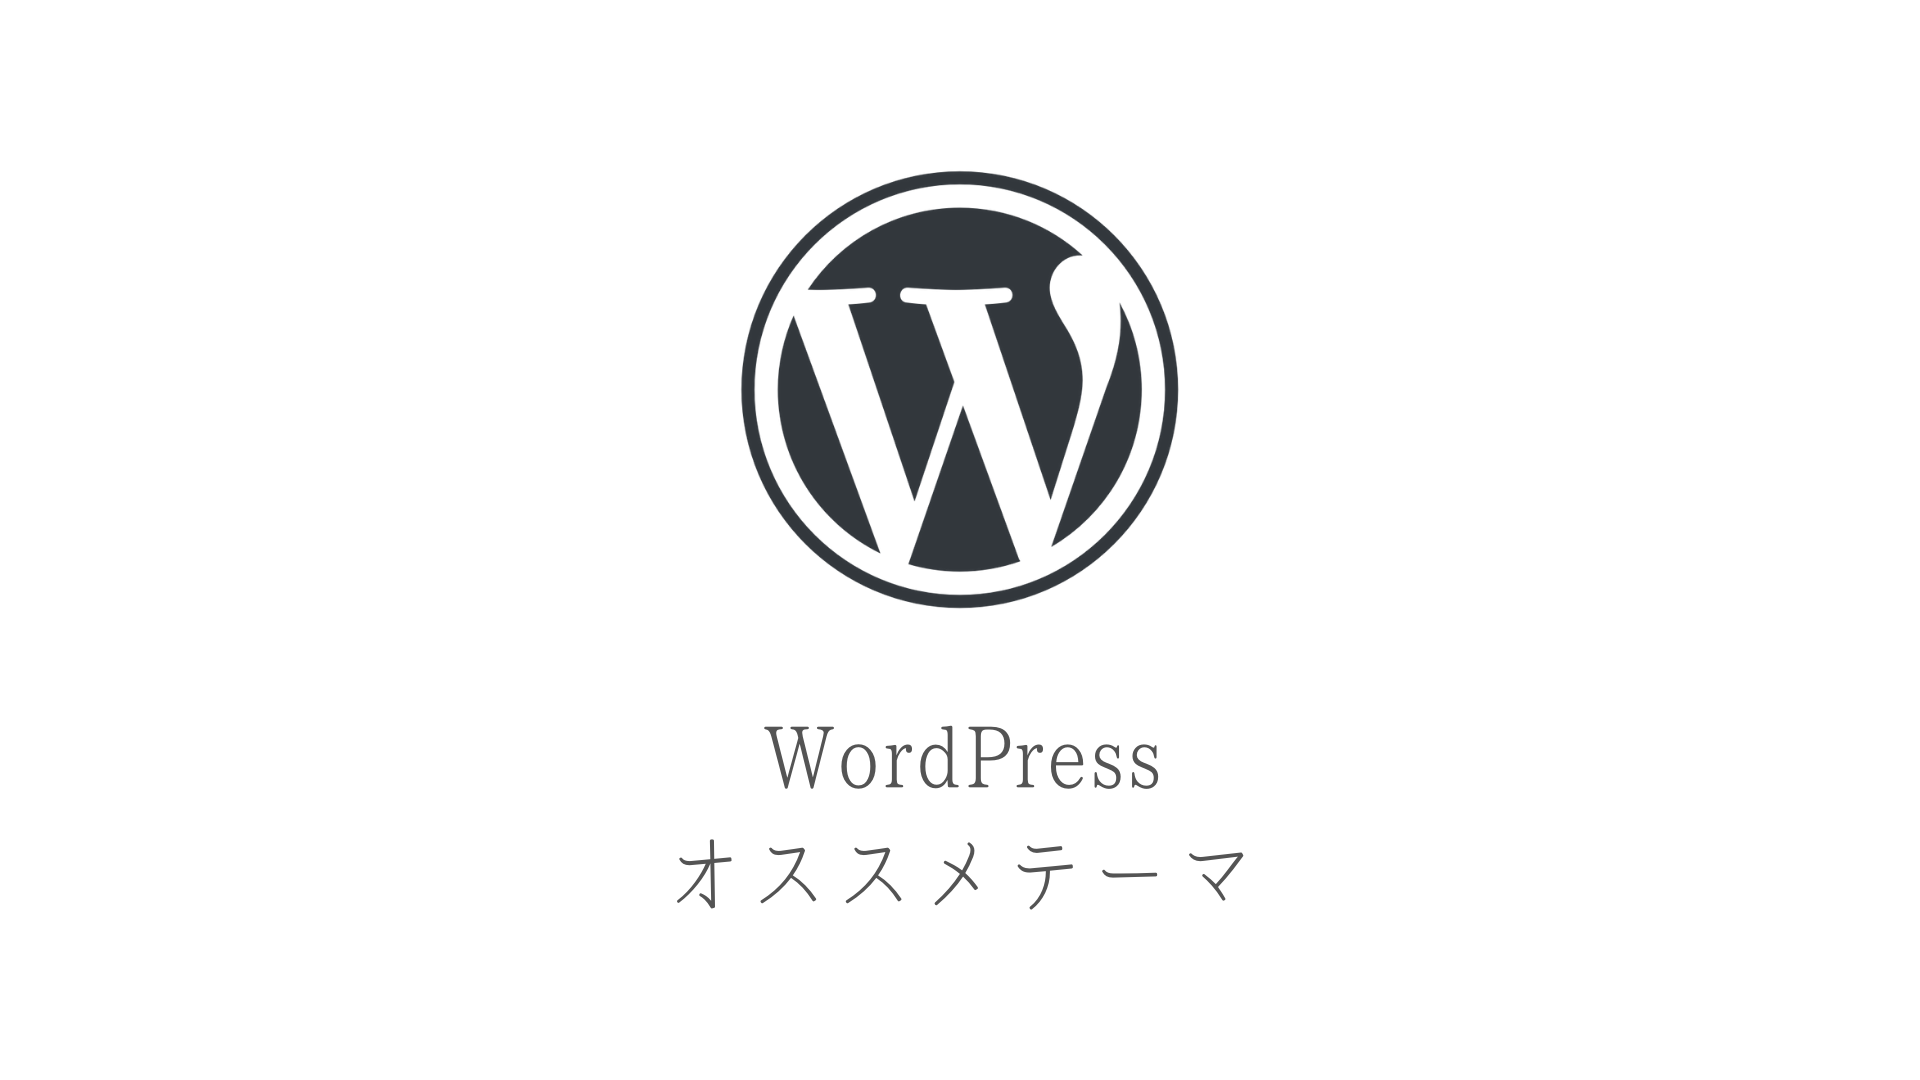 【2019最新版】WordPressおすすめ国産テーマ9選!ブログ・アフィリエイト対応